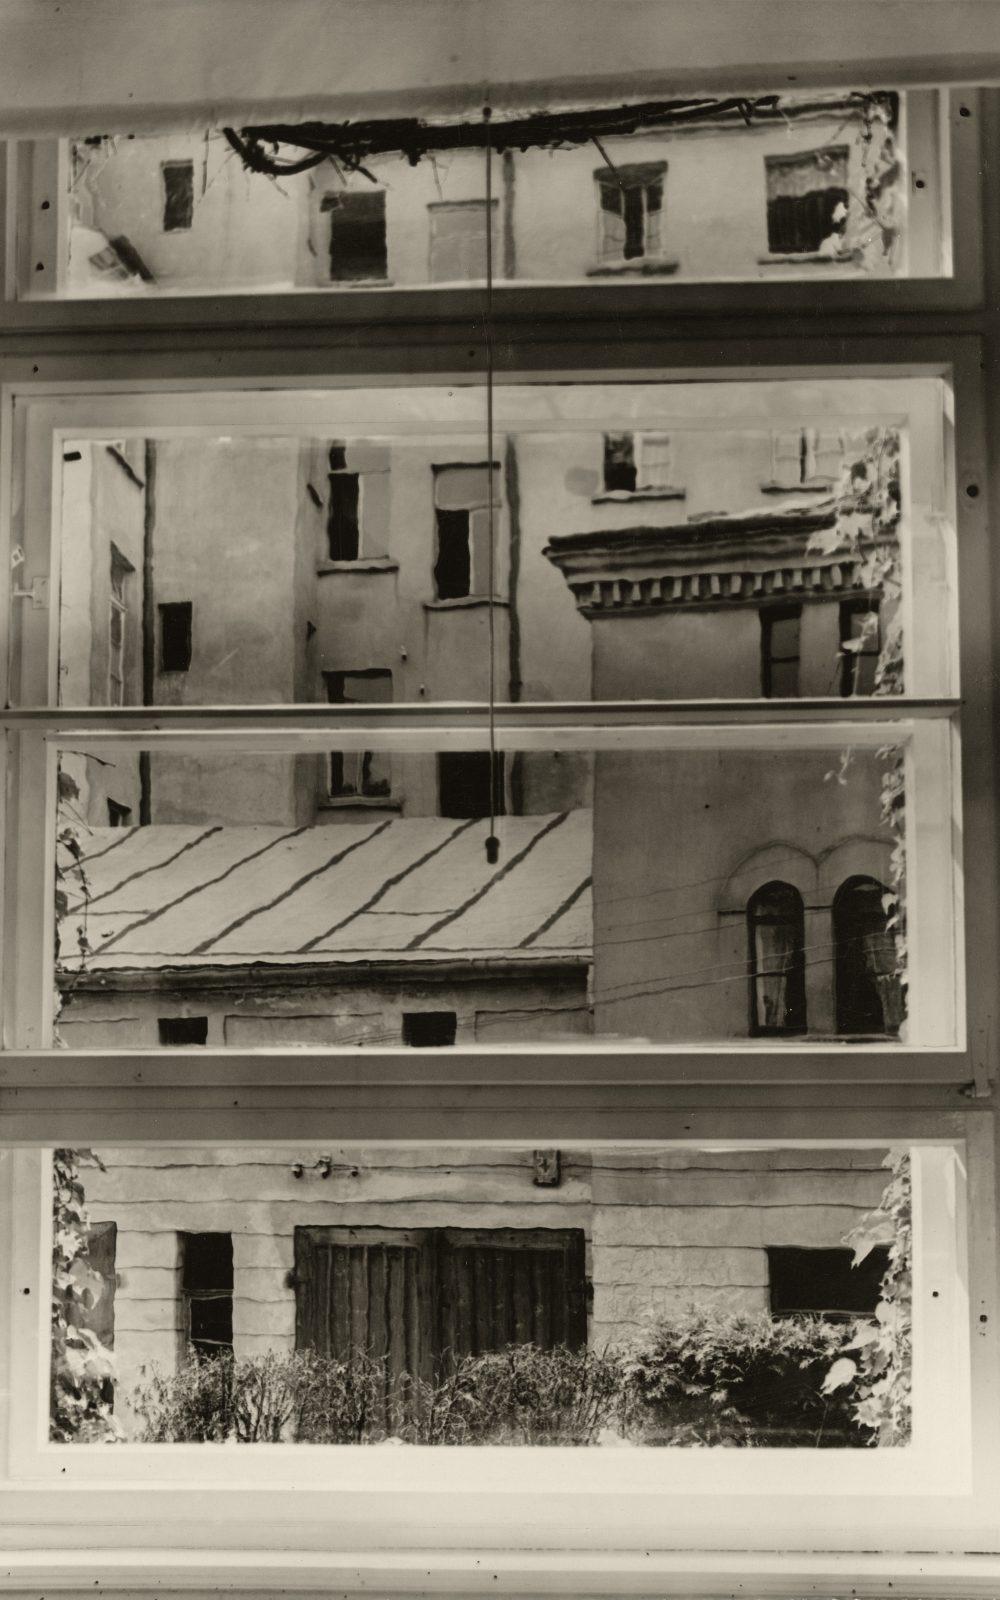 Aenne Biermann, Blick aus meinem Atelierfenster, 1929, Silbergelatine-Abzug, 23,6 x 17,3 cm, Foto: Sibylle Forster, Stiftung Ann und Jürgen Wilde, Pinakothek der Moderne, München